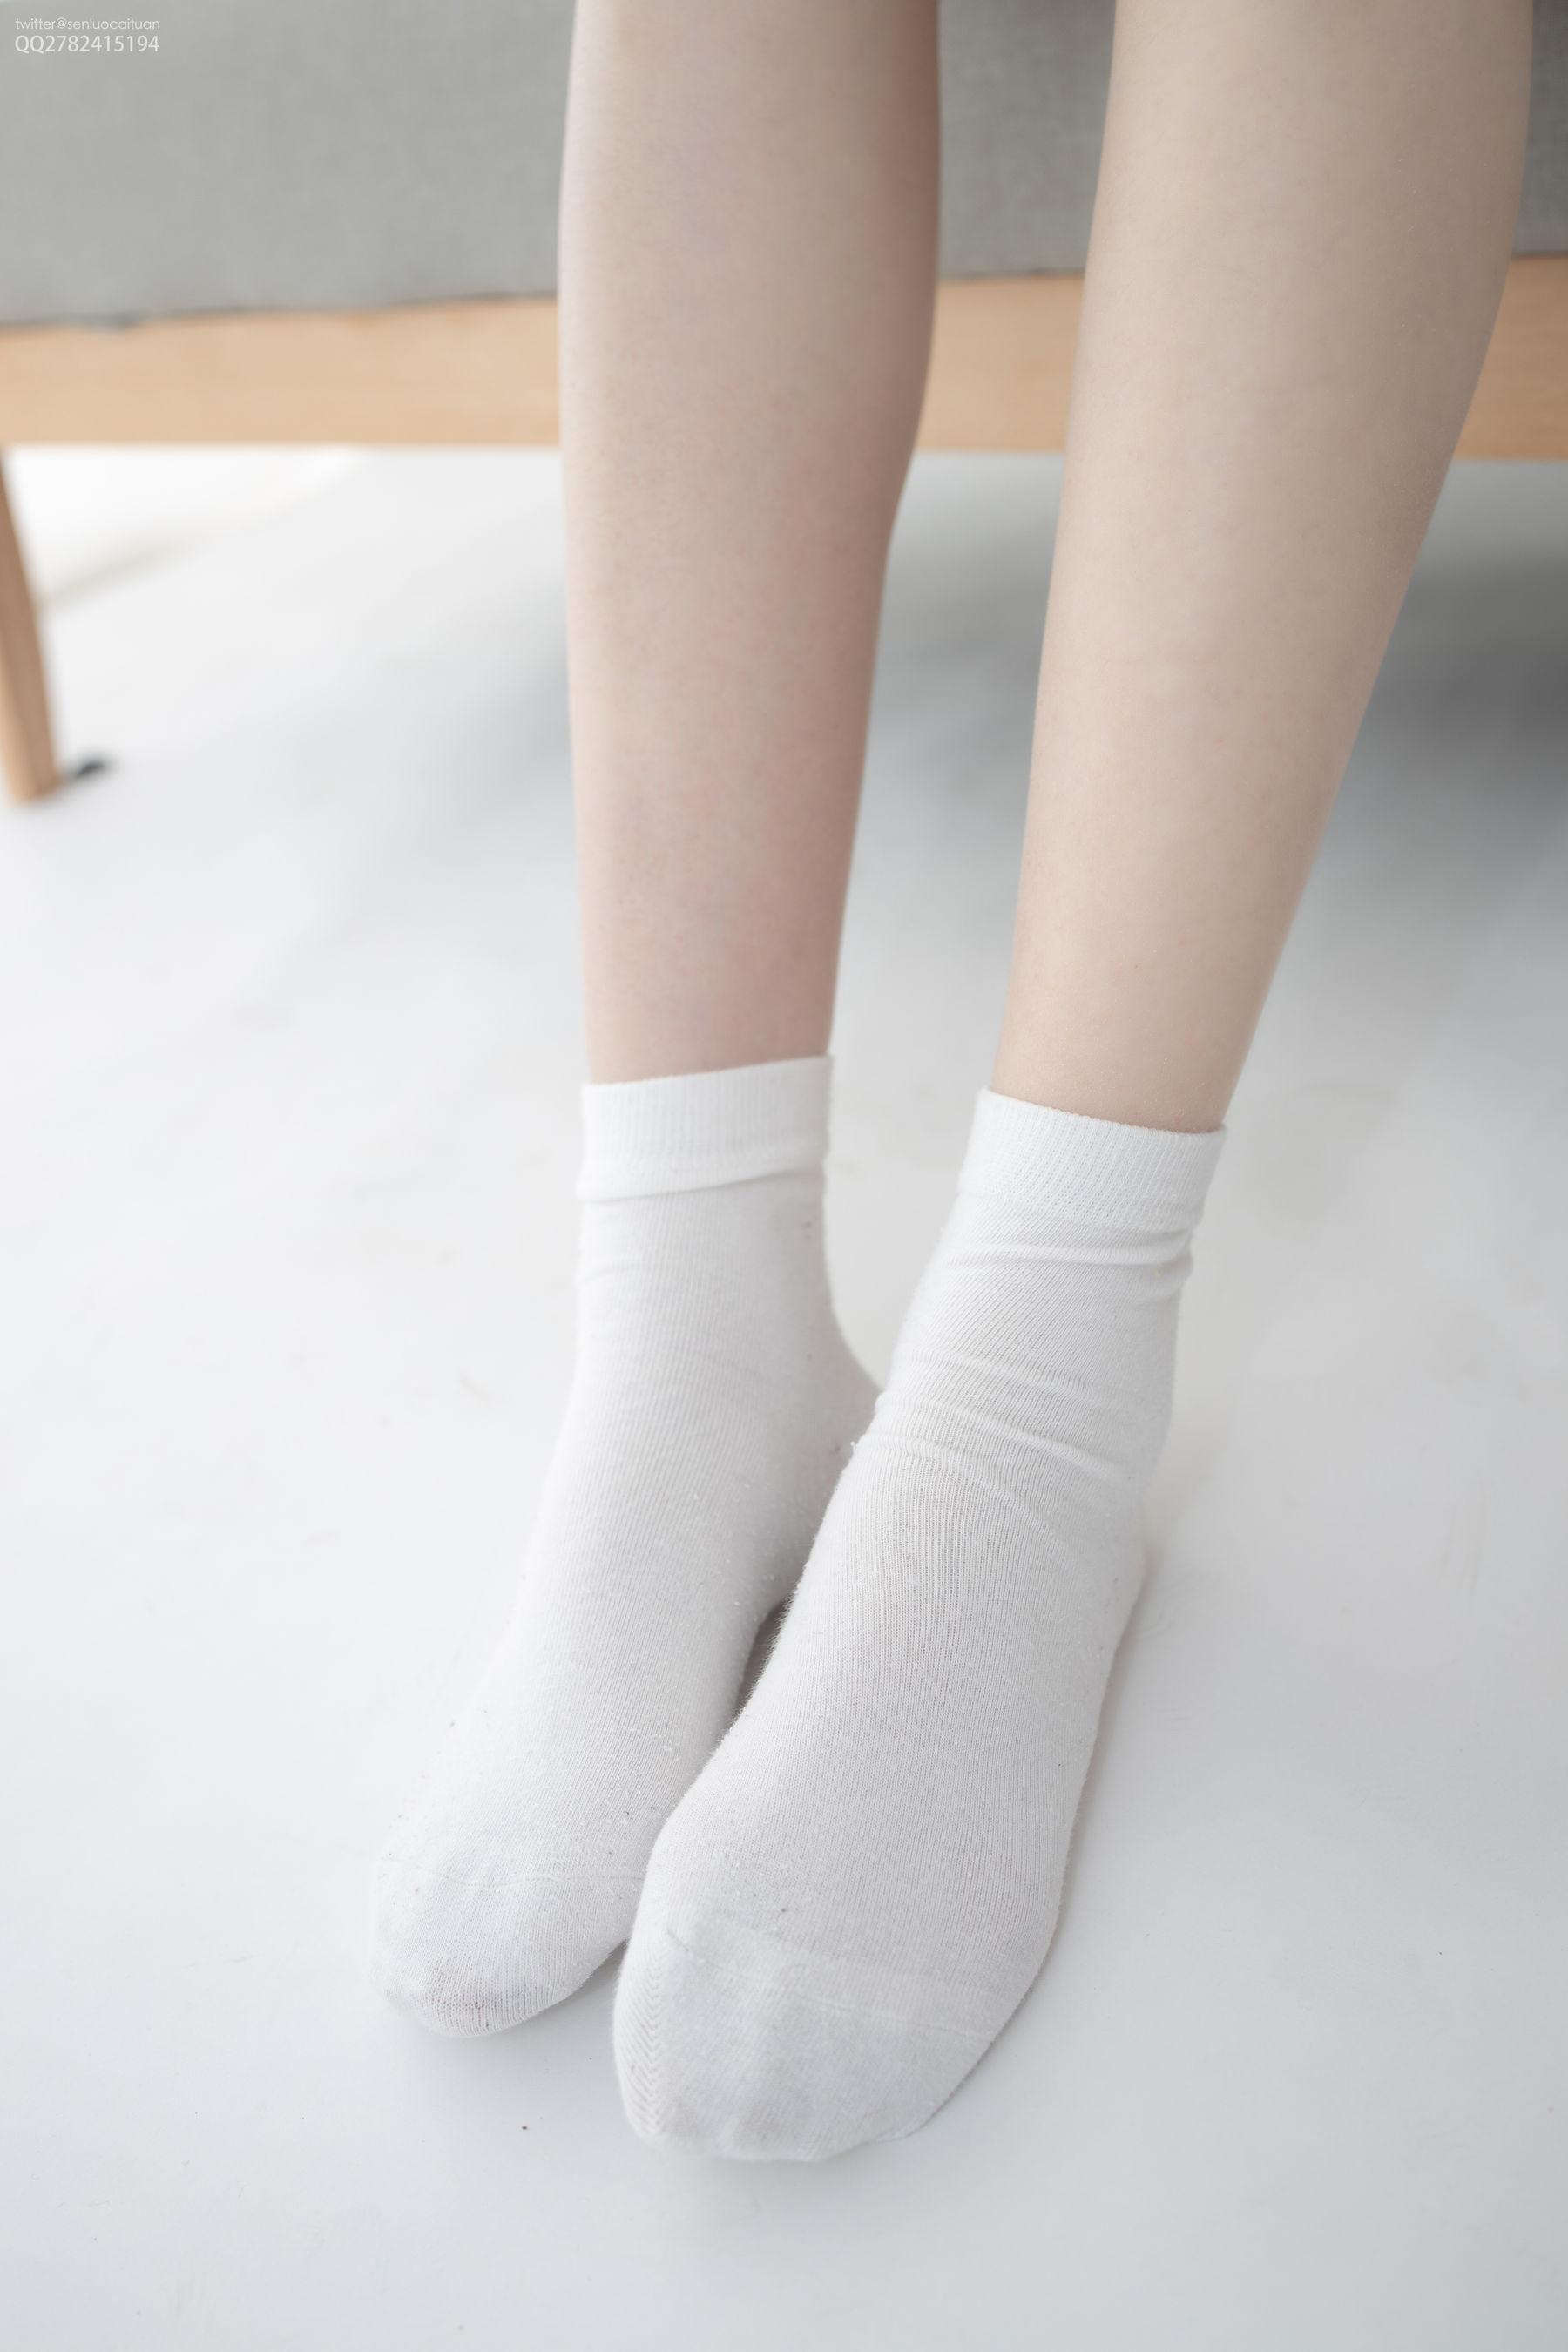 [网络美女] 网络美女 短棉袜 高清写真套图